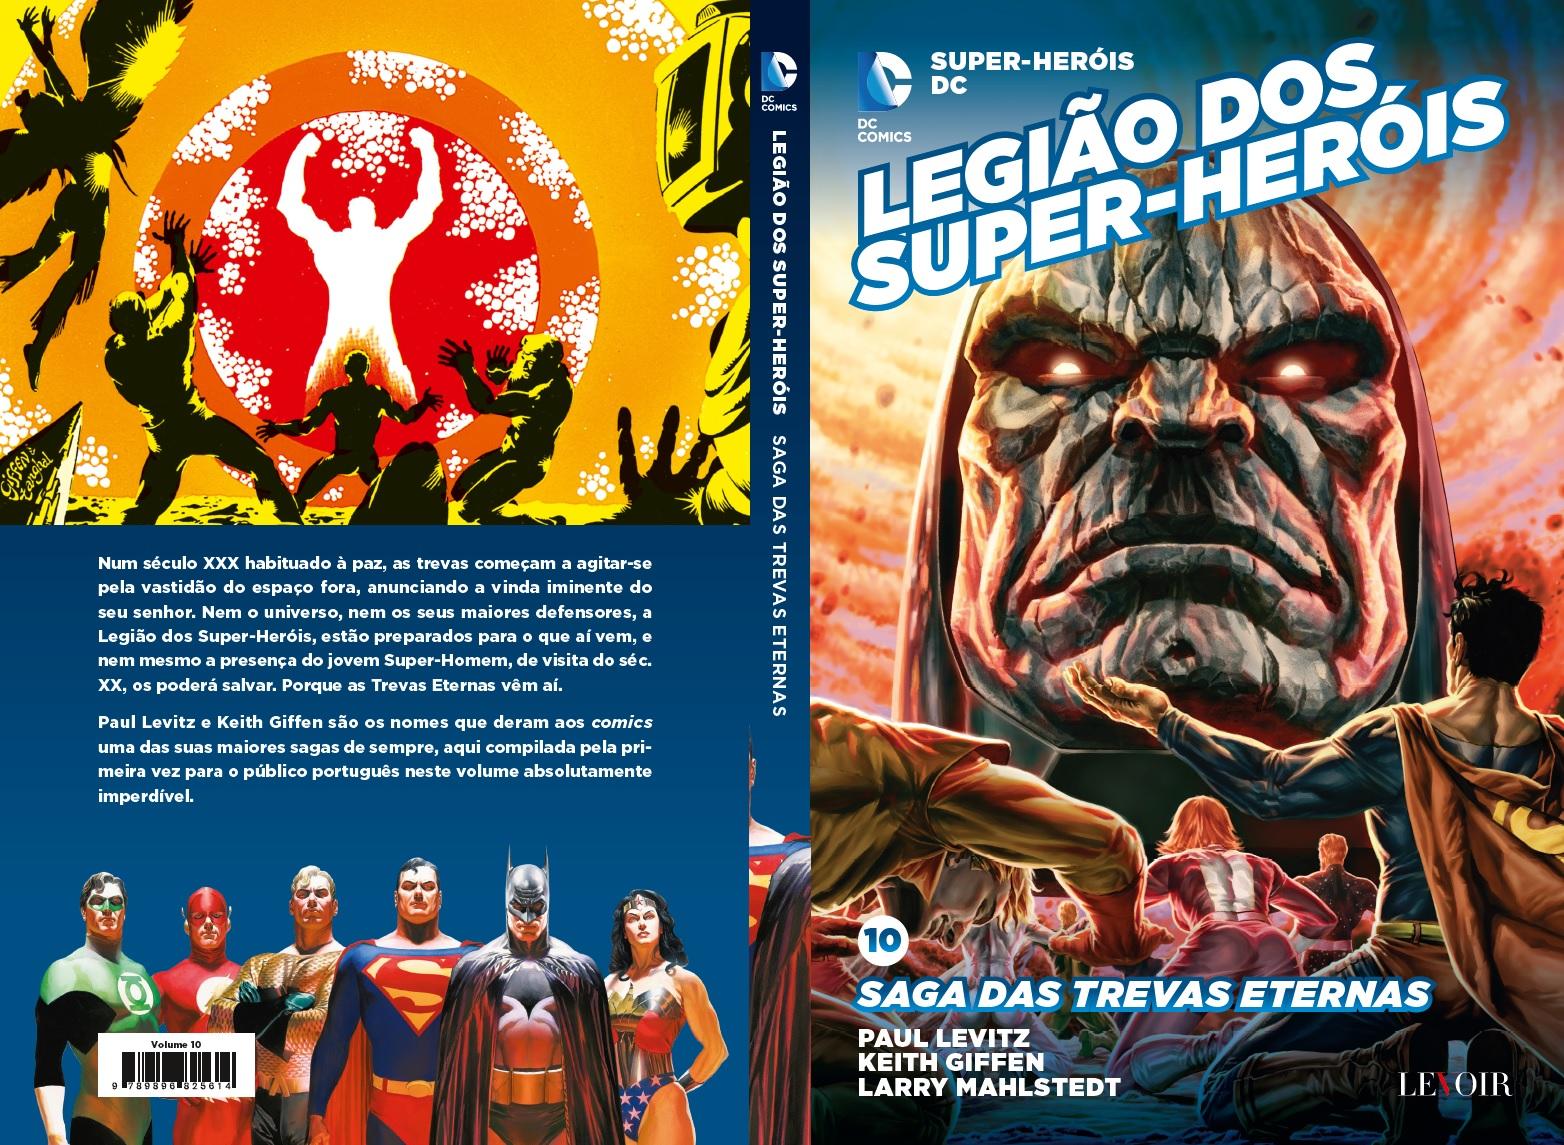 ef3042763 As Leituras do Pedro  Super-Heróis DC em Abril